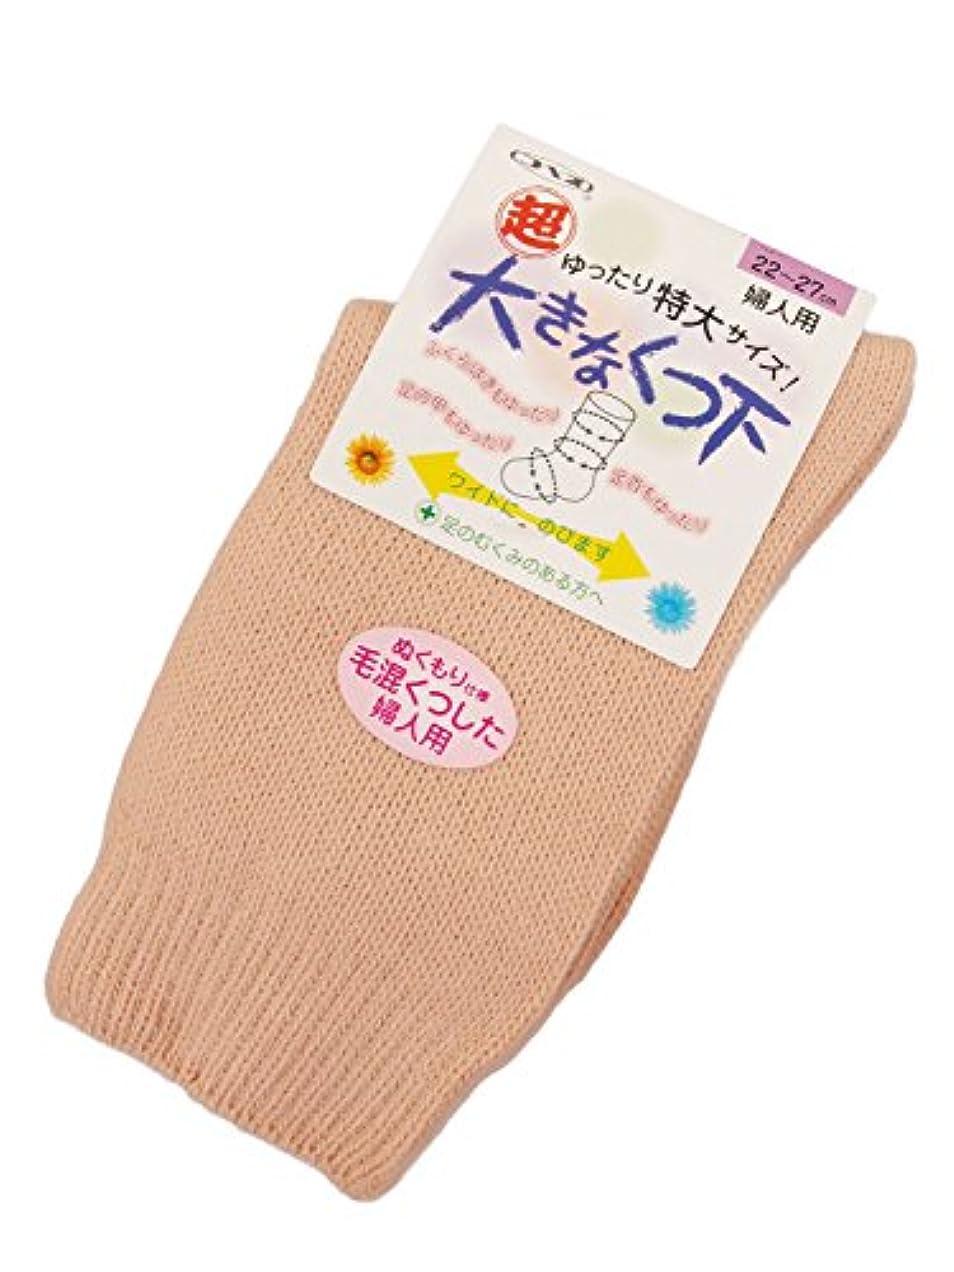 介入する集団的非効率的な神戸生絲 婦人超ゆったり特大サイズ大きなくつ下毛混 ピンク 22-27cm